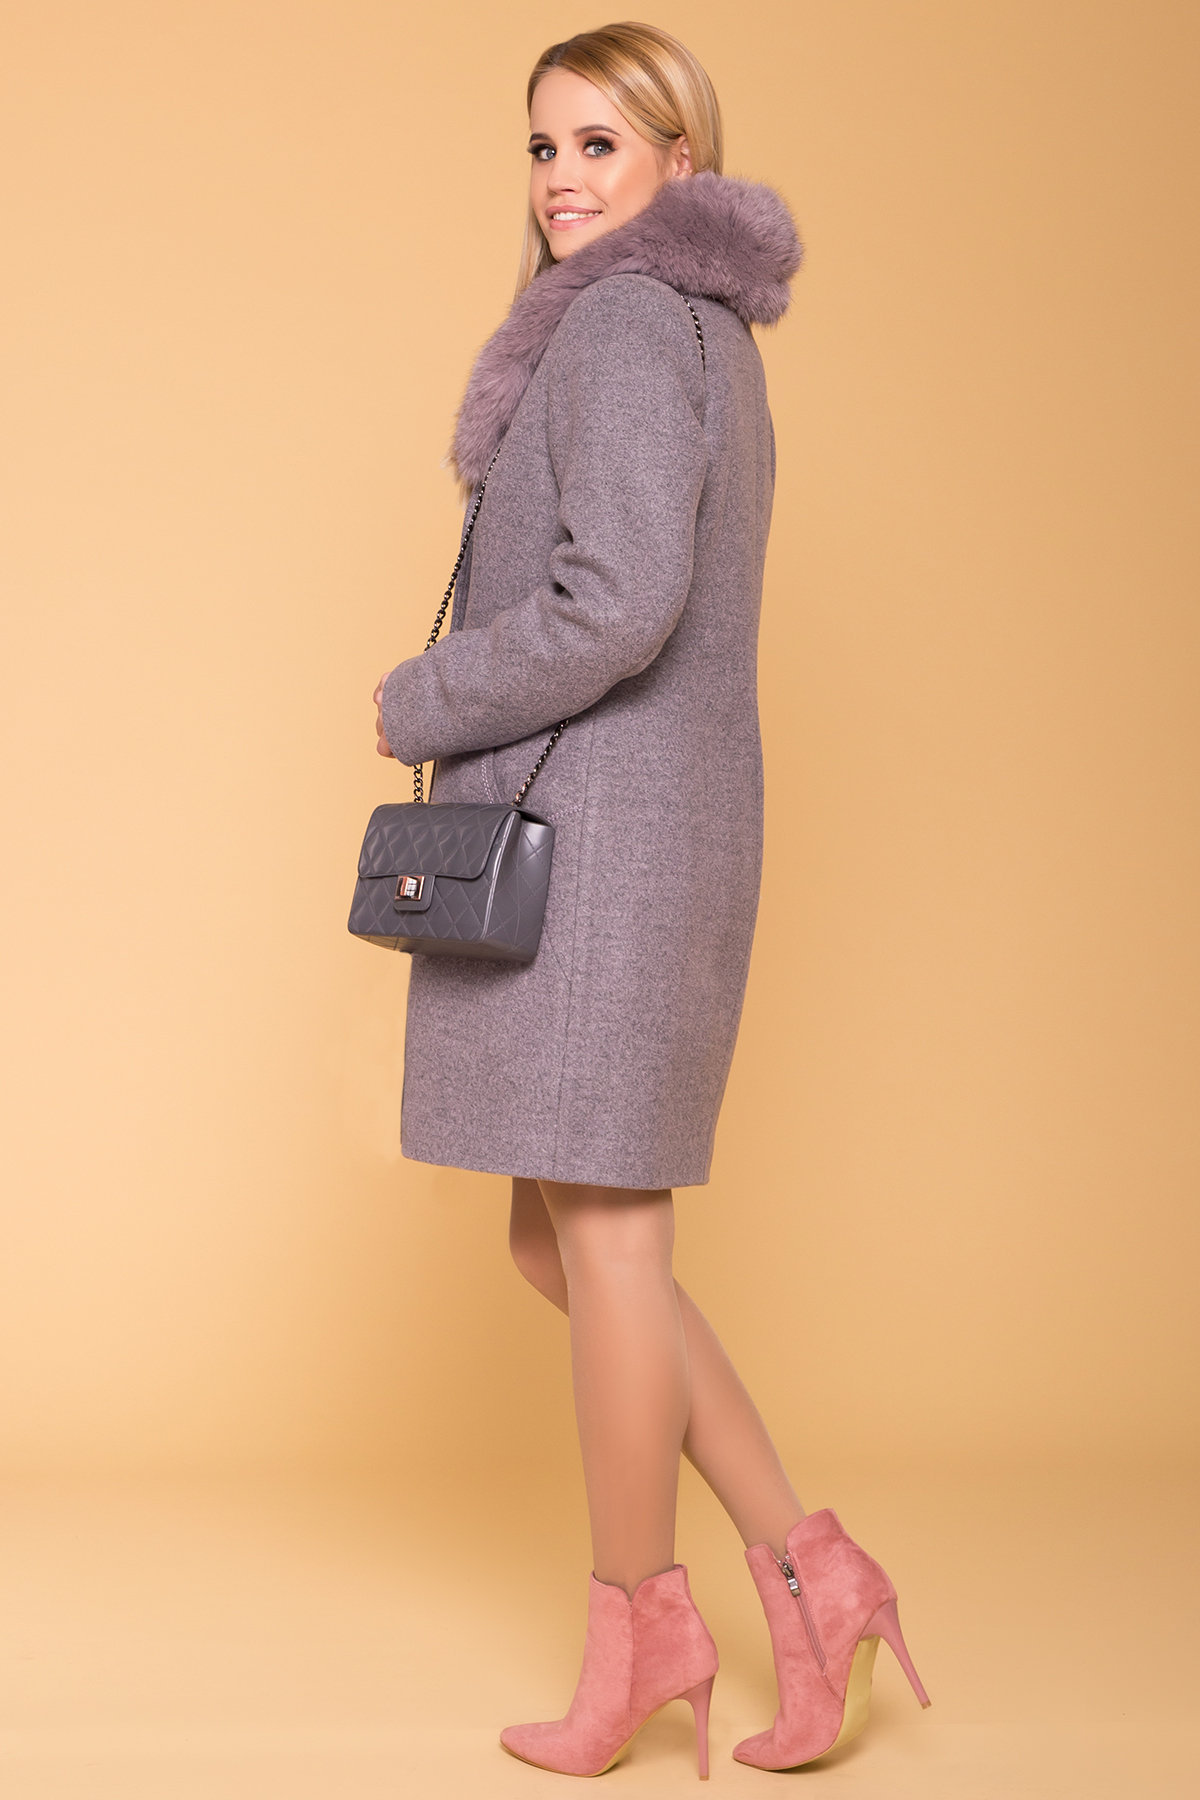 Пальто зима Камила 5611 АРТ. 40711 Цвет: Серо-розовый 19 - фото 2, интернет магазин tm-modus.ru